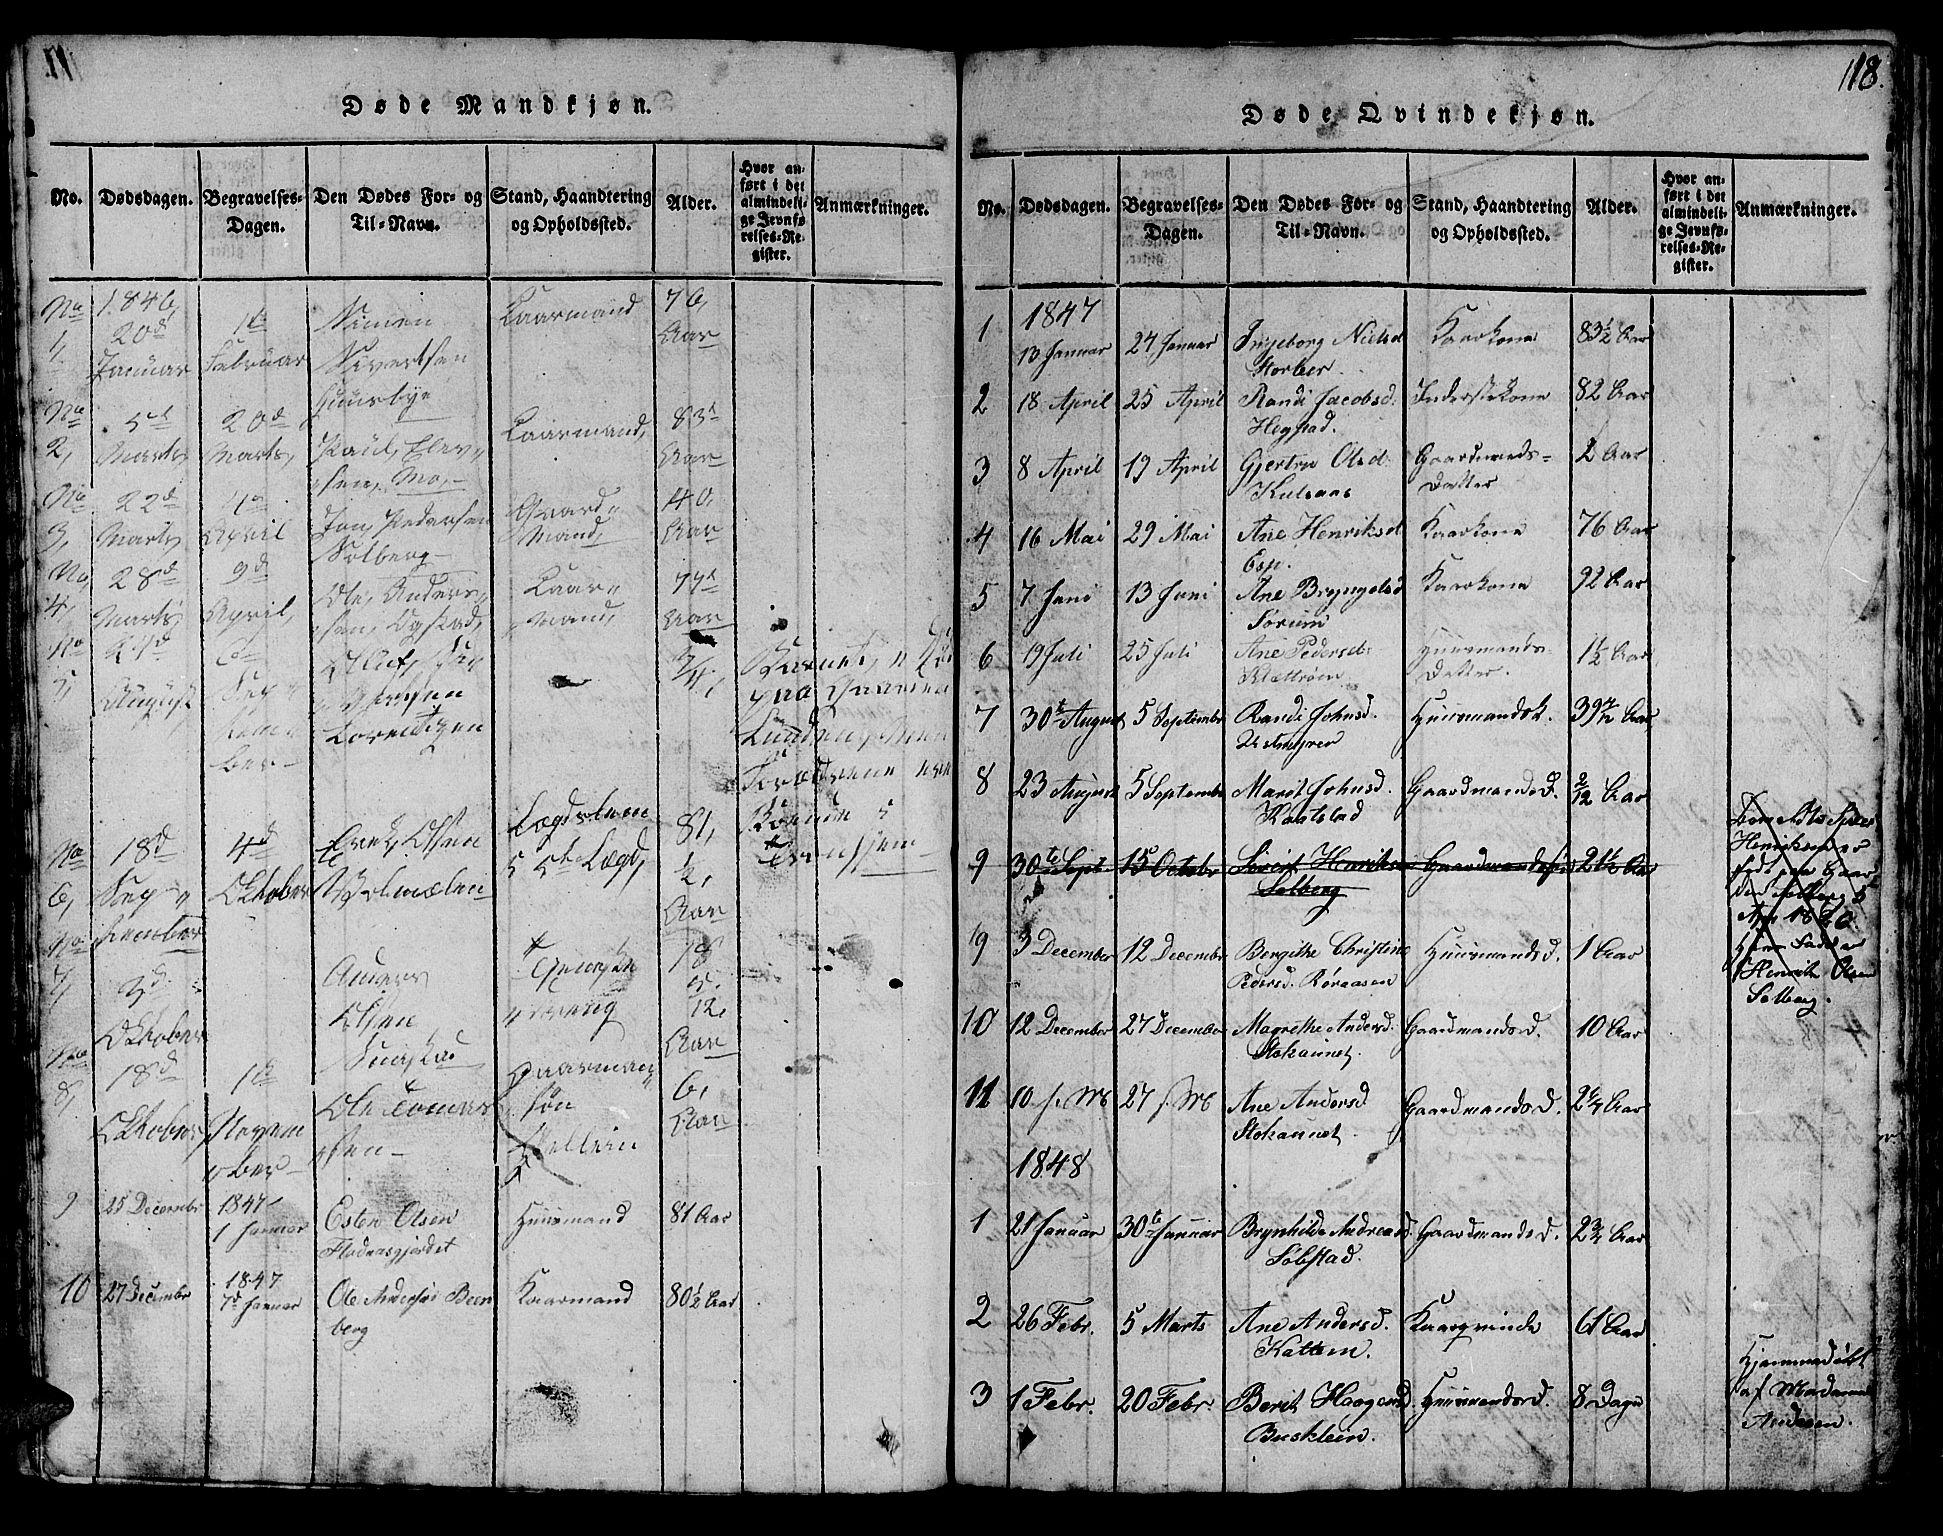 SAT, Ministerialprotokoller, klokkerbøker og fødselsregistre - Sør-Trøndelag, 613/L0393: Klokkerbok nr. 613C01, 1816-1886, s. 118